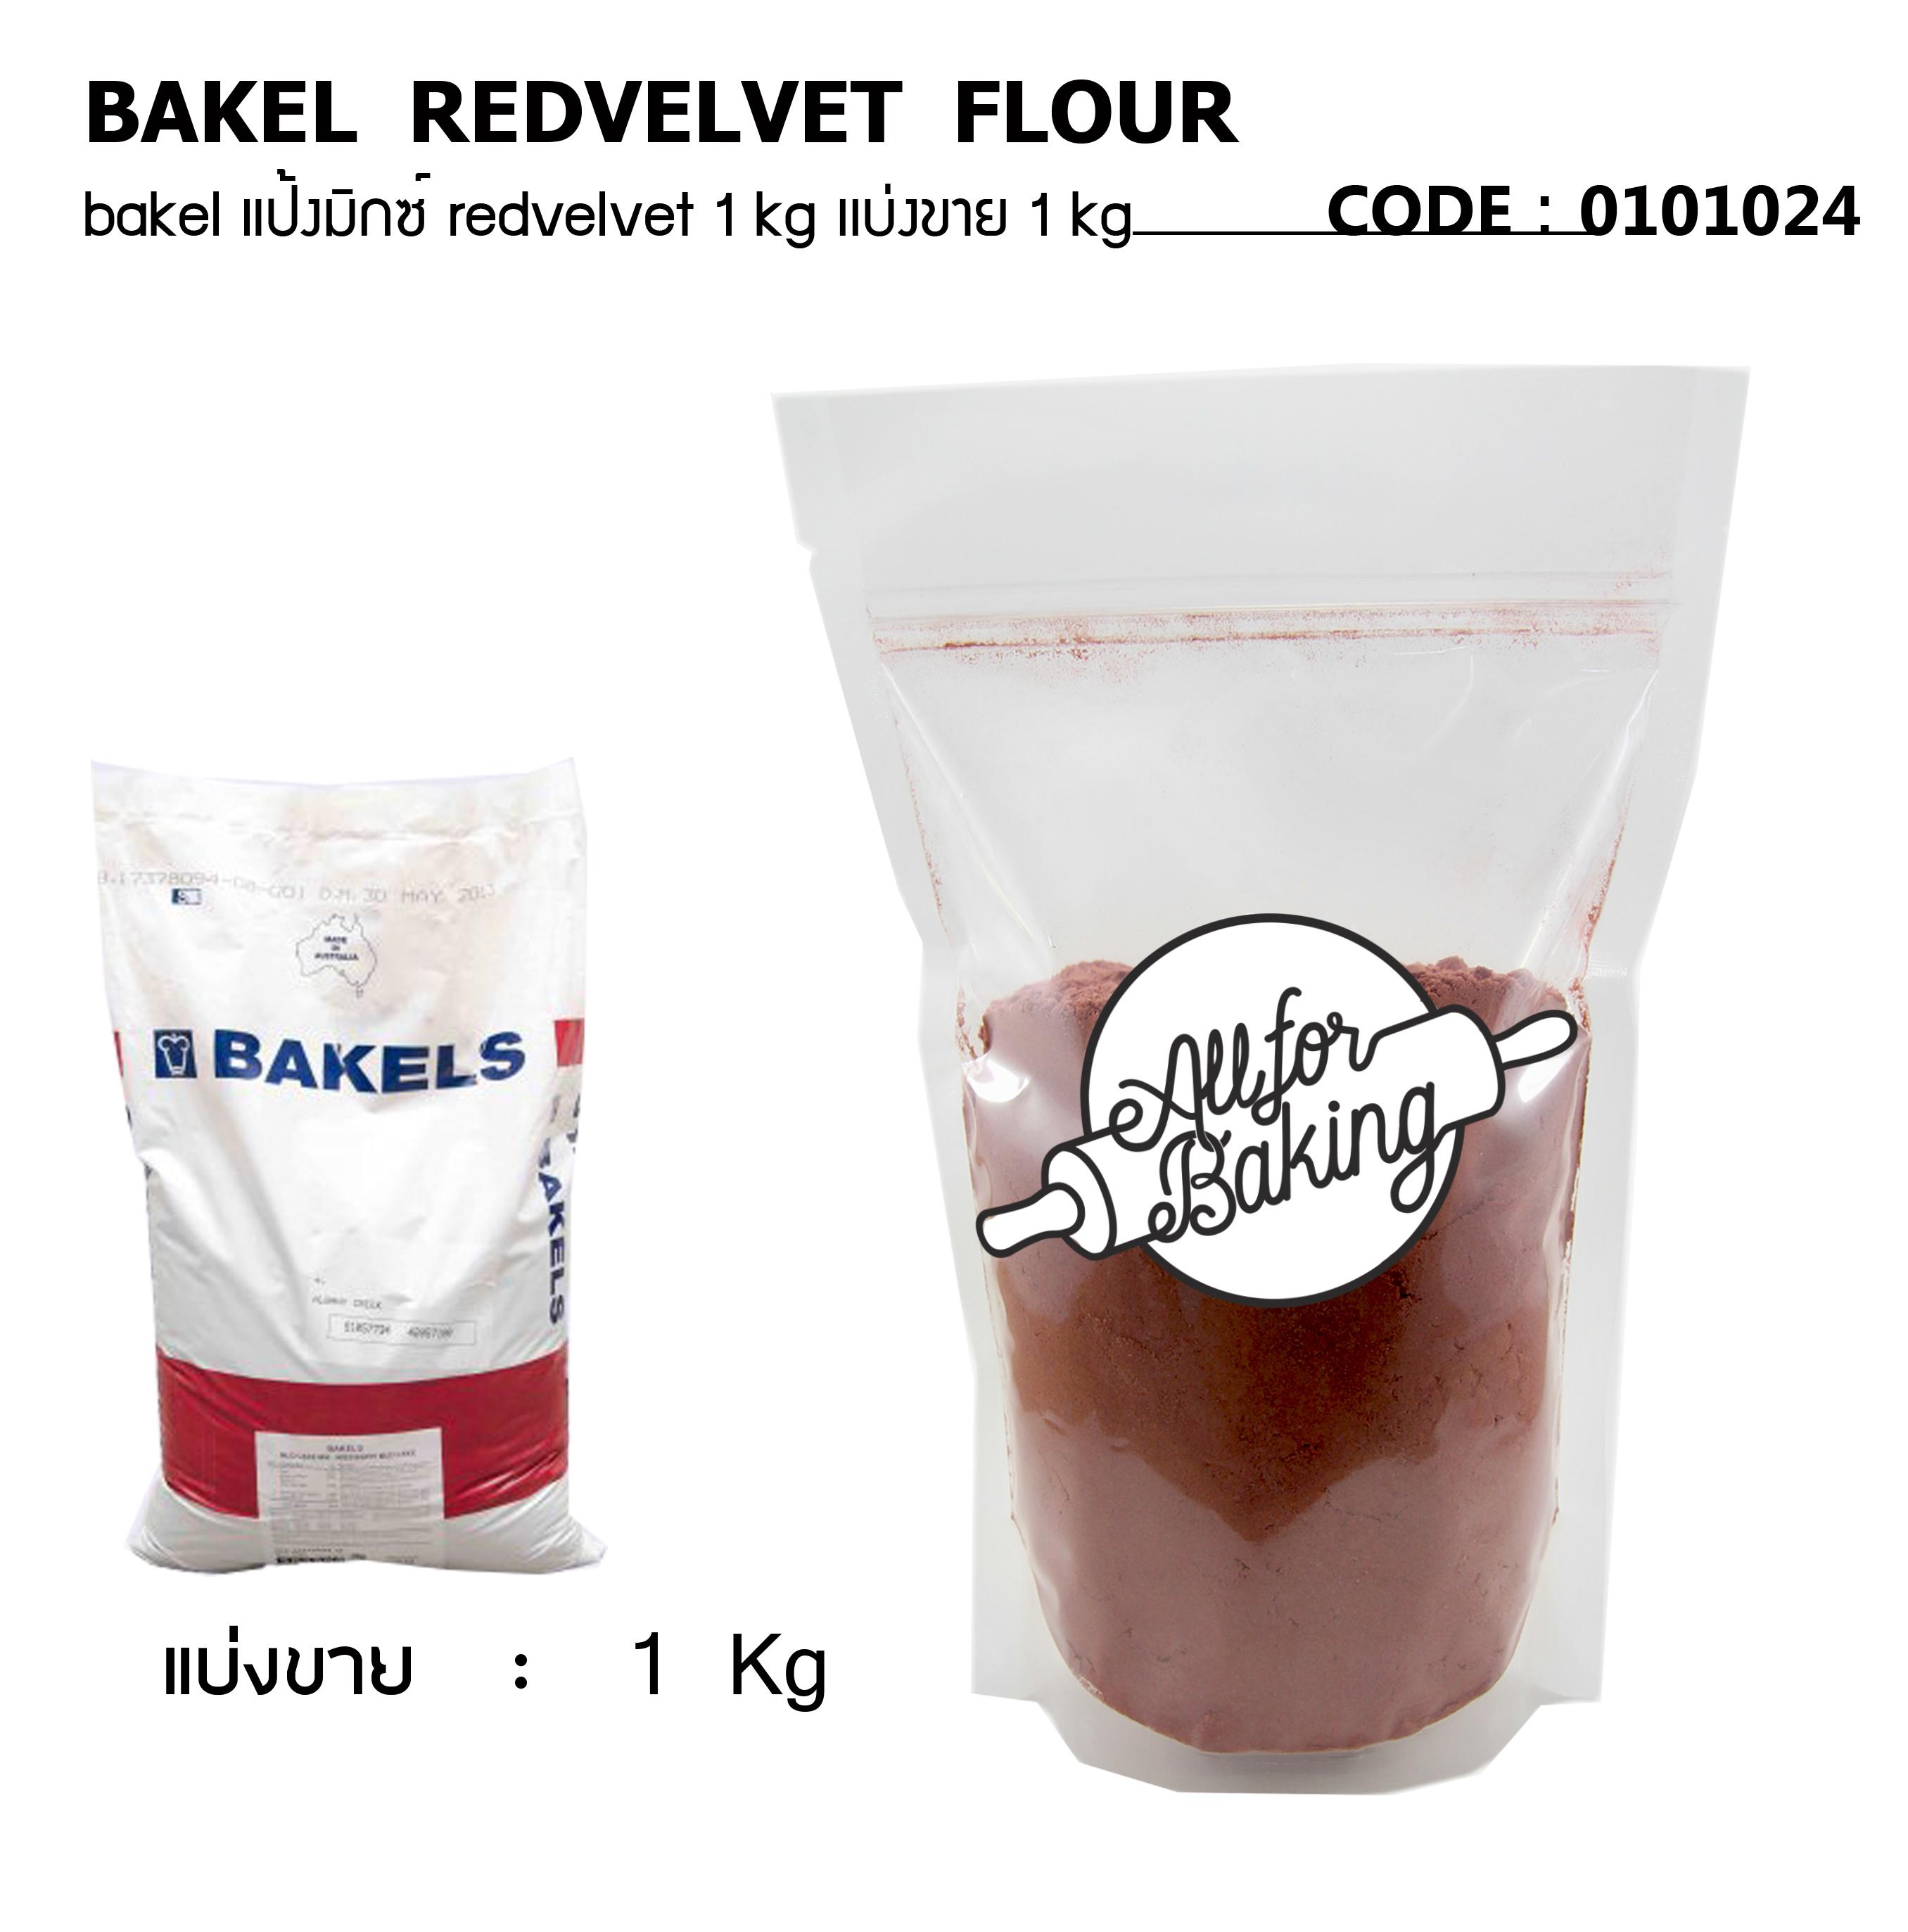 Bakels แป้งมิกซ์ red velvet เเบ่งขาย 1 kg